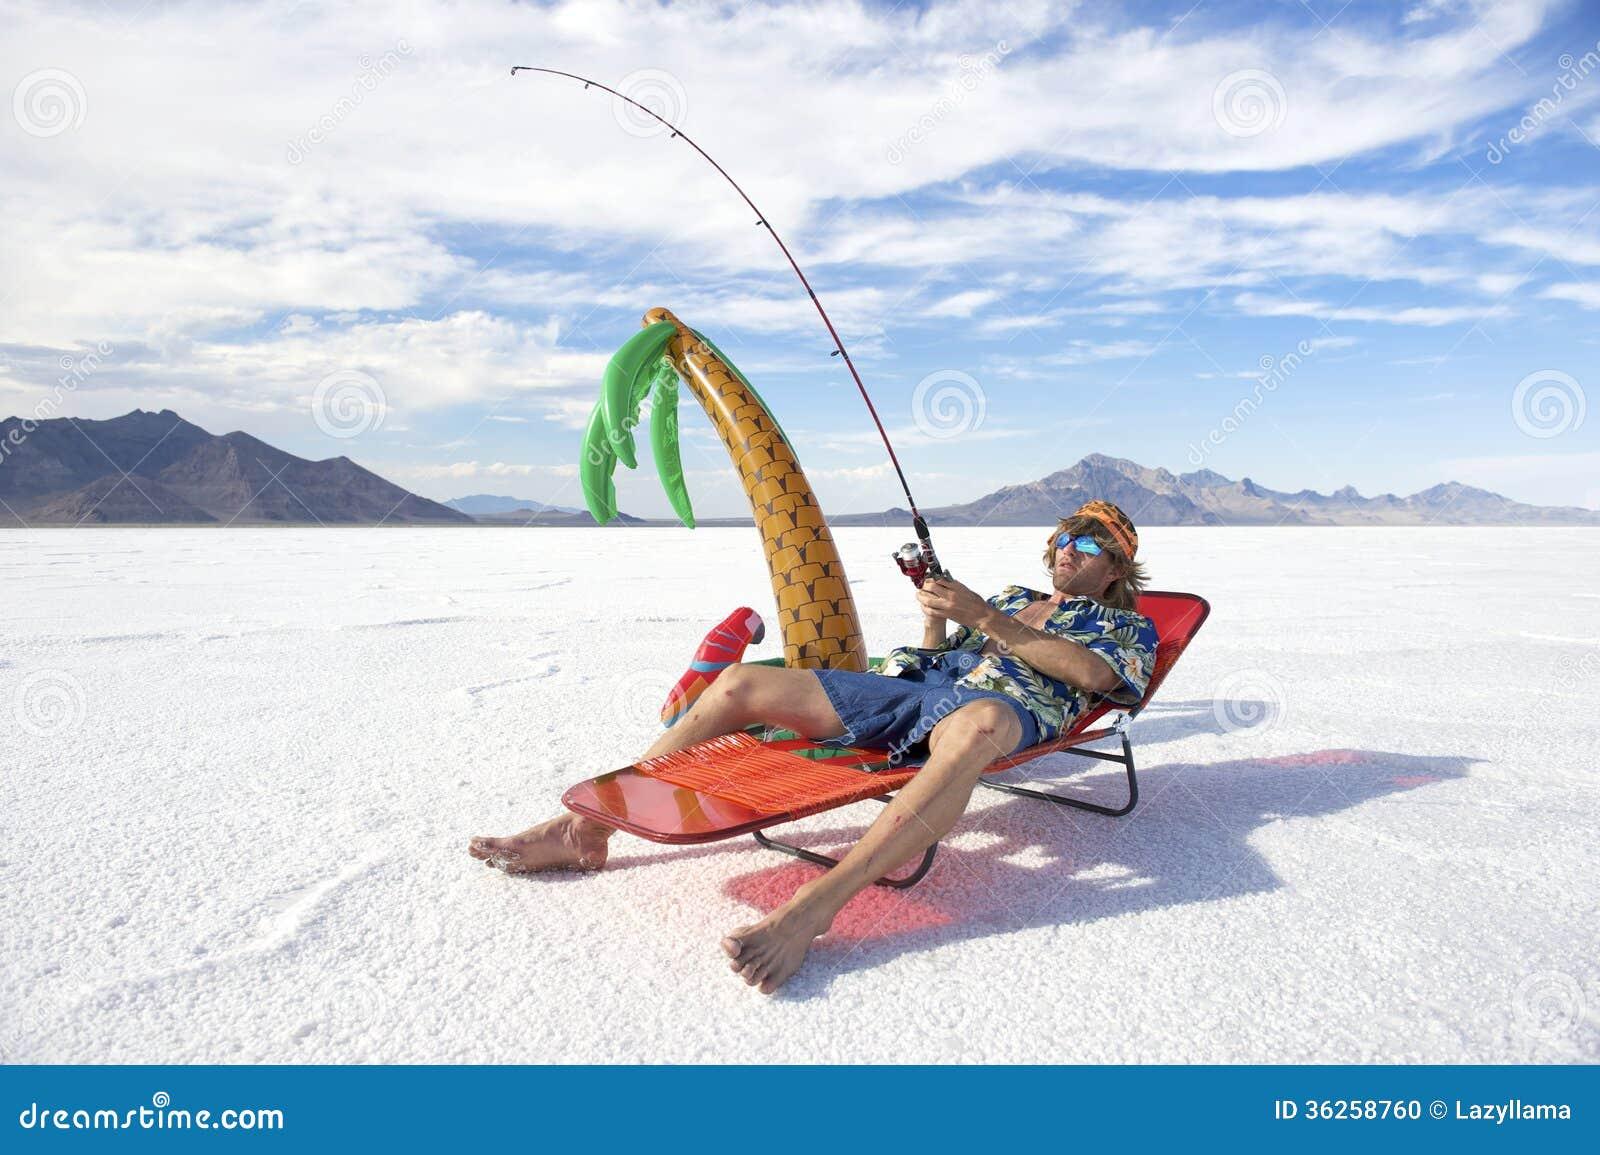 Amerikansk fiskare Goes på billig ferie för isfiskesemester